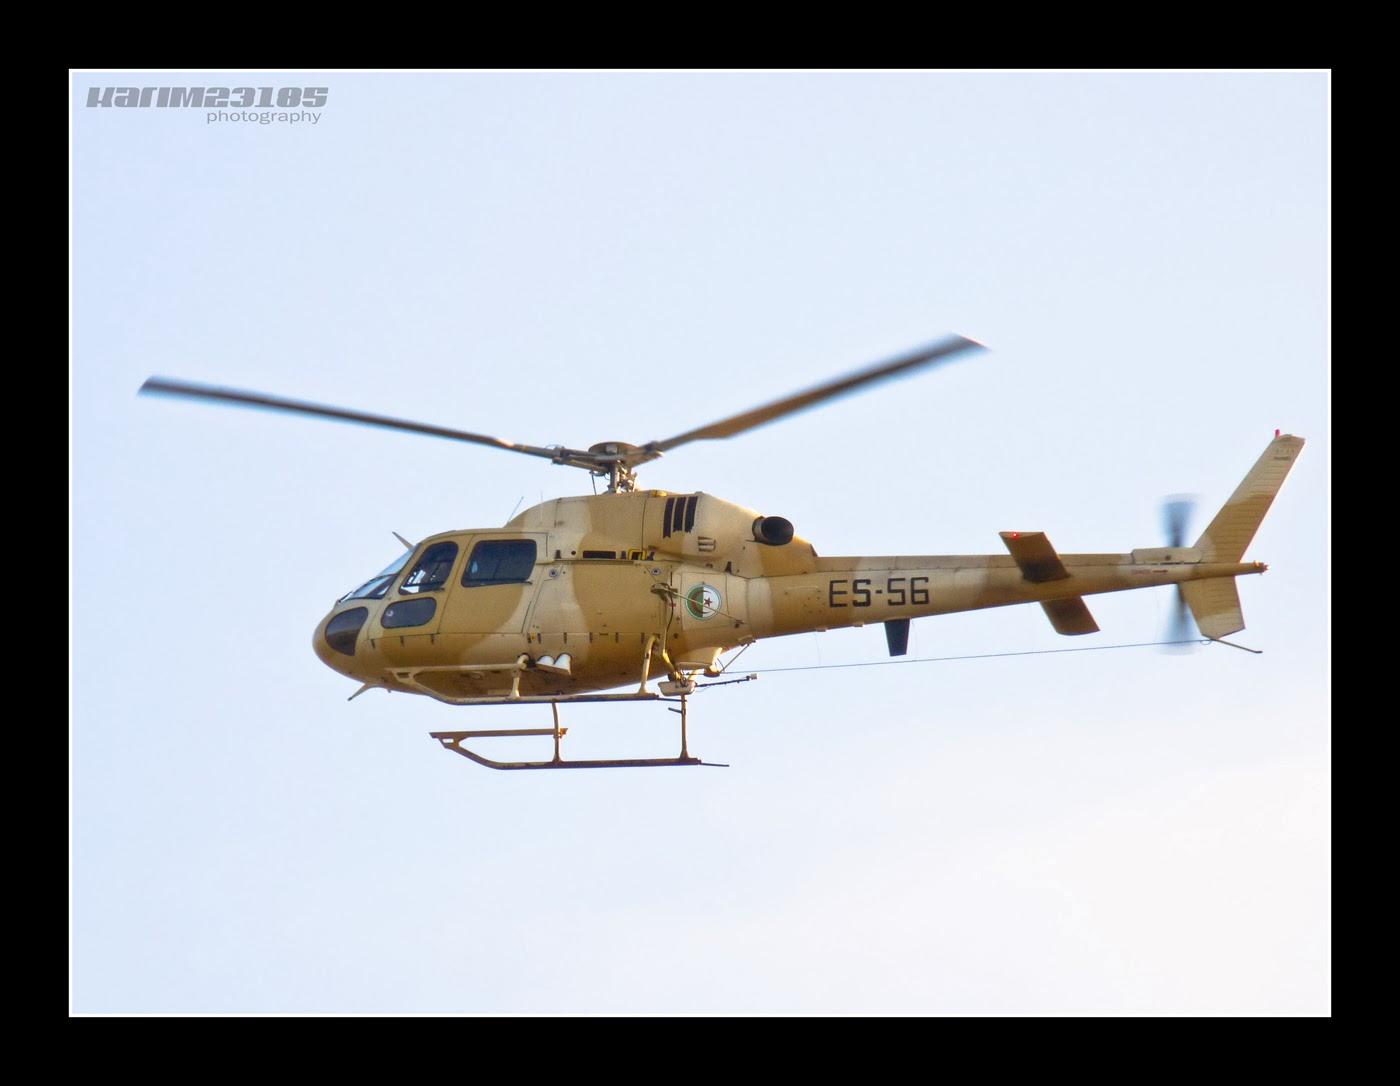 صور مروحيات القوات الجوية الجزائرية Ecureuil/Fennec ] AS-355N2 / AS-555N ] - صفحة 6 27476892395_7da1df6264_o